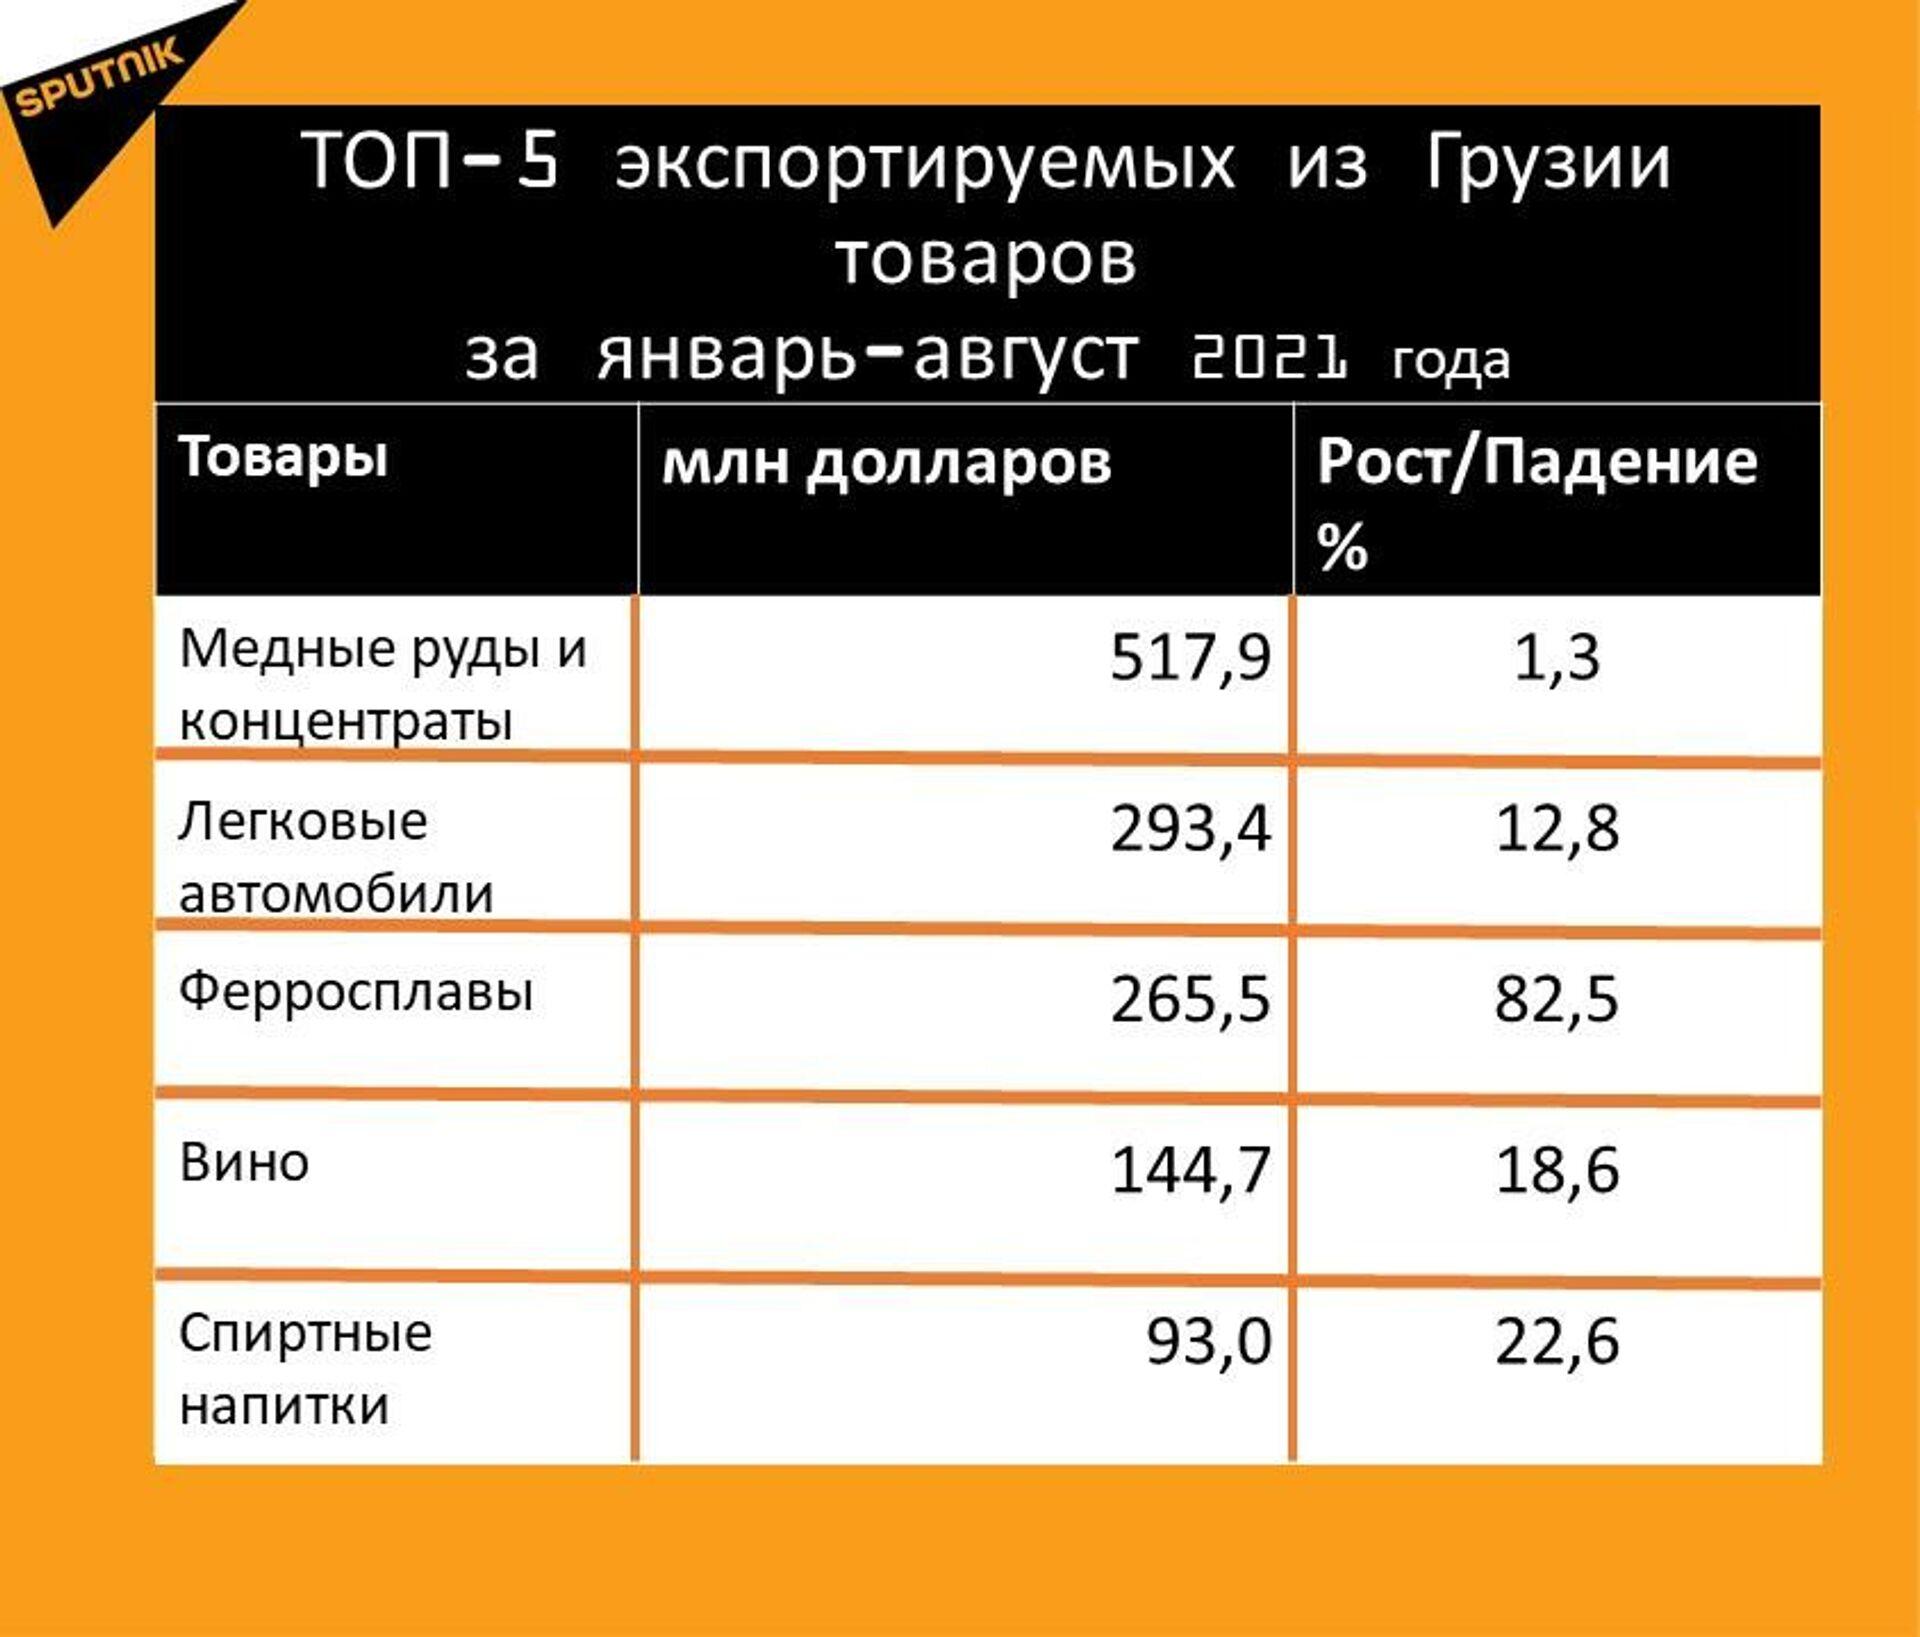 Статистика внешнеторгового оборота Грузии за январь-август 2021 года, экспорт - Sputnik Грузия, 1920, 20.09.2021